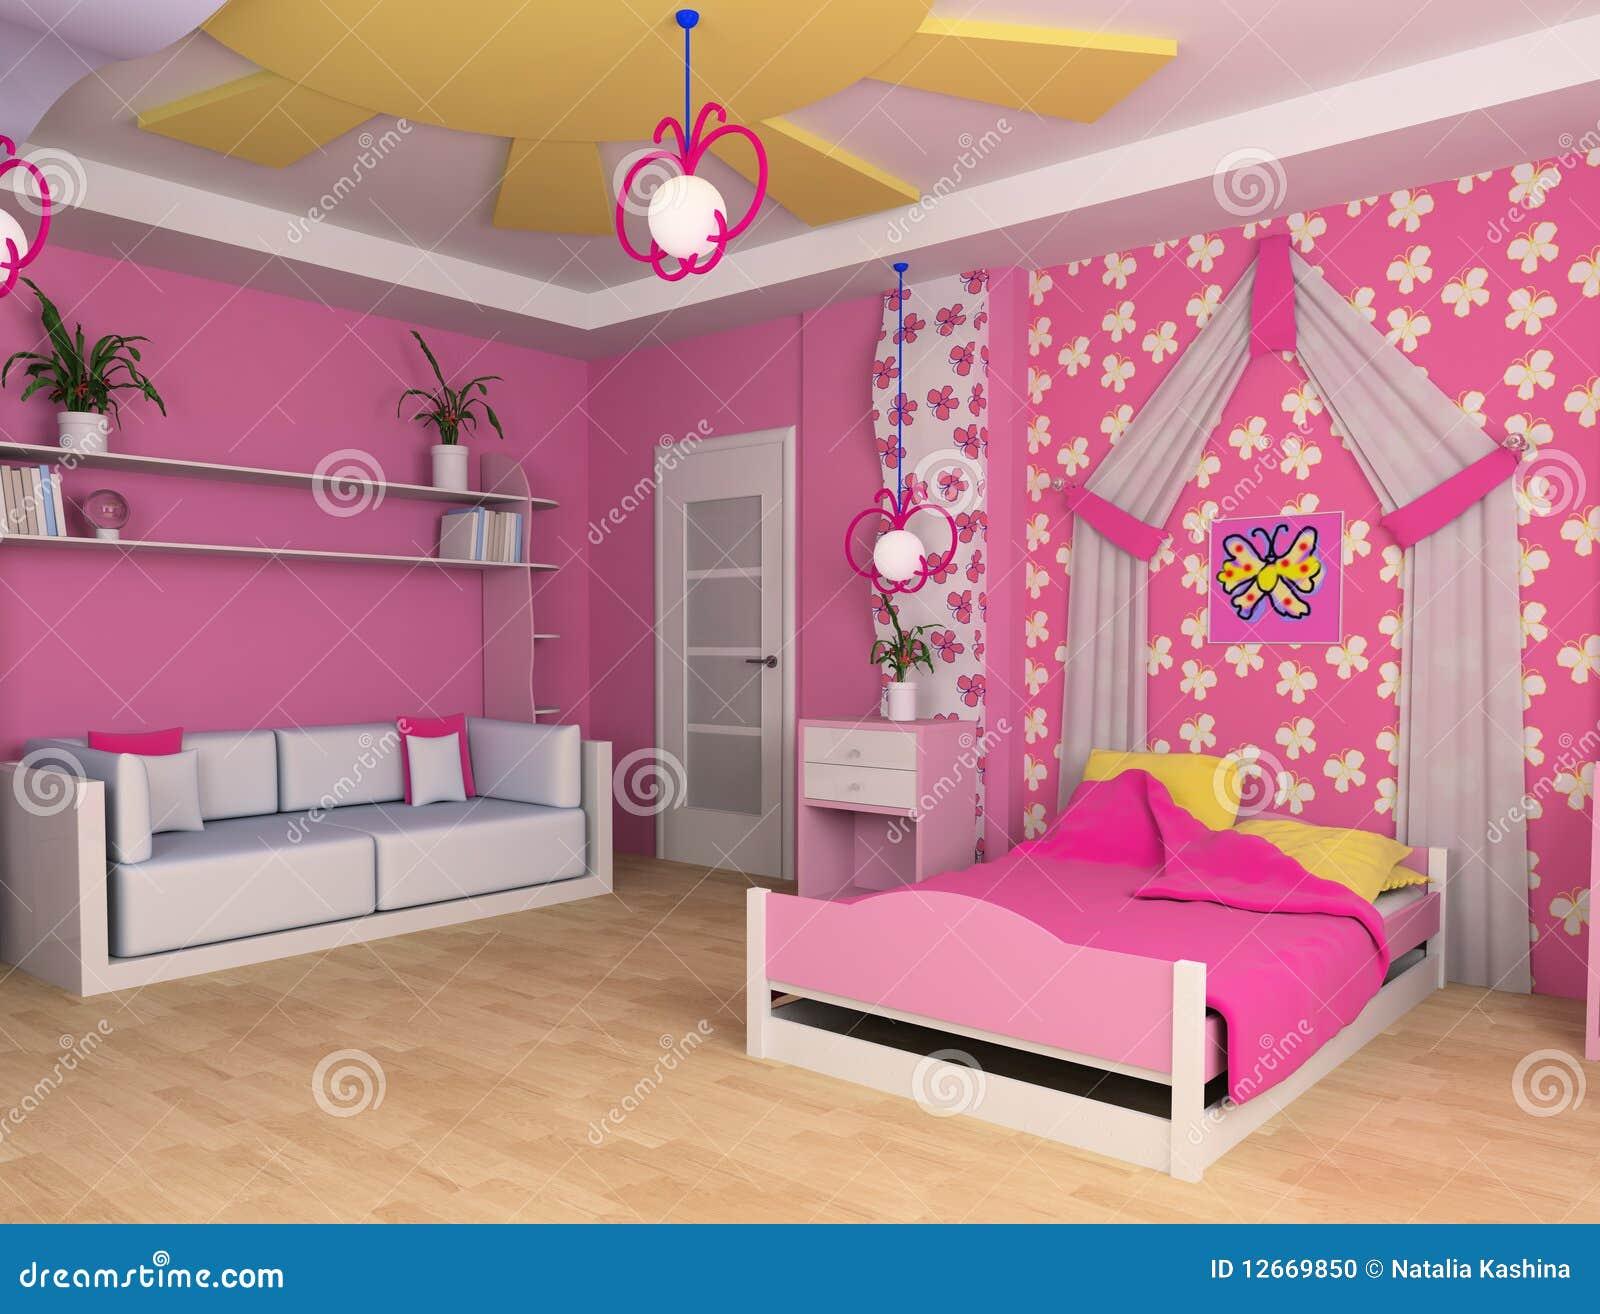 Children 39 S Room Stock Photo Image 12669850